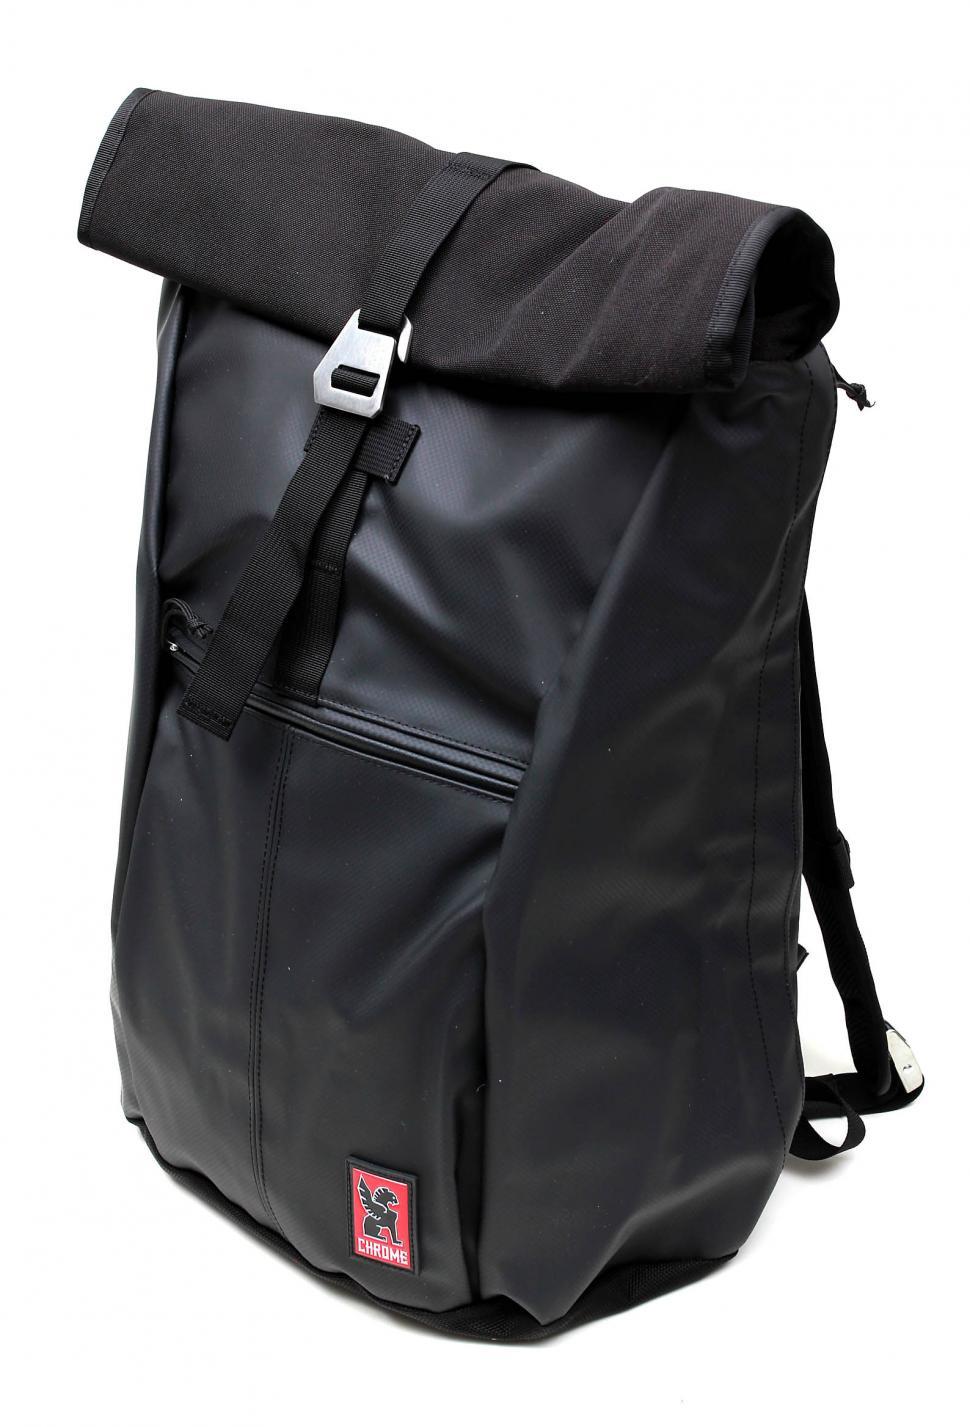 Chrome Vata rucksack